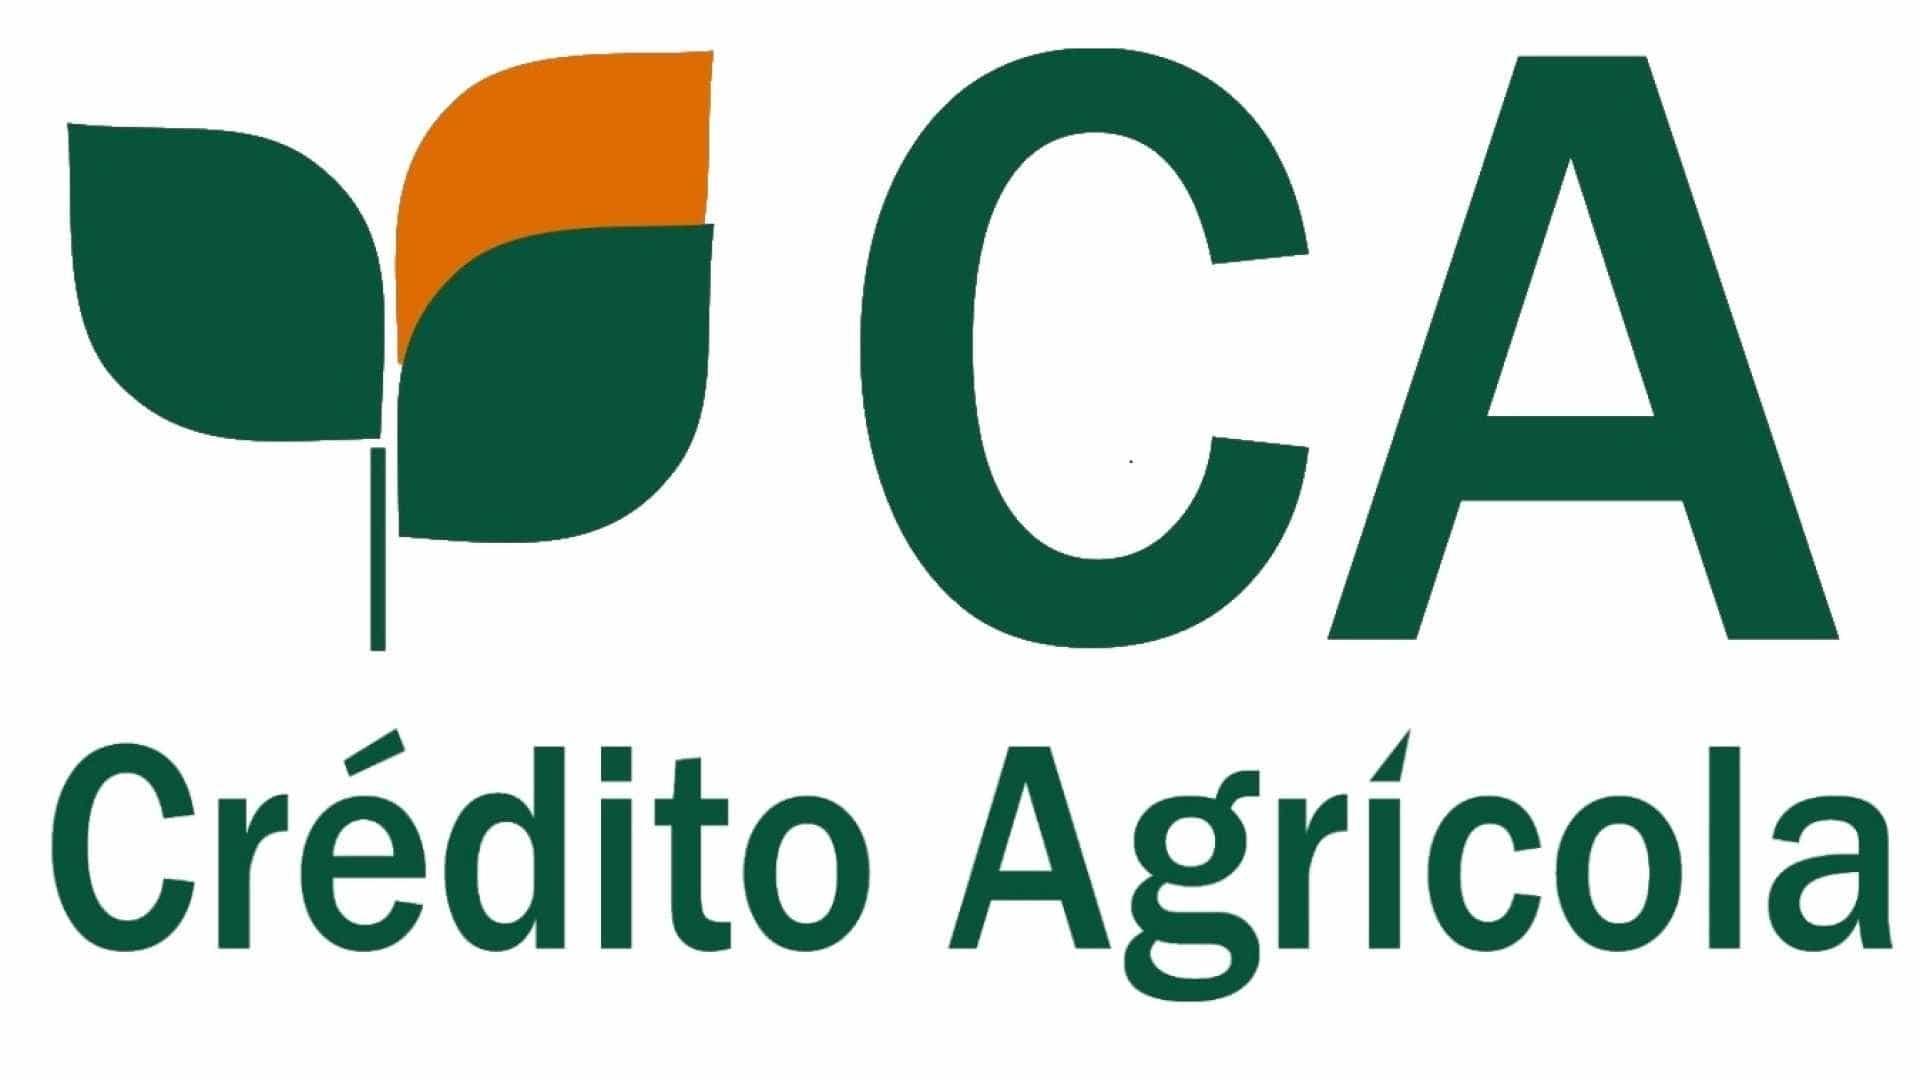 Caixa Central de Crédito Agrícola